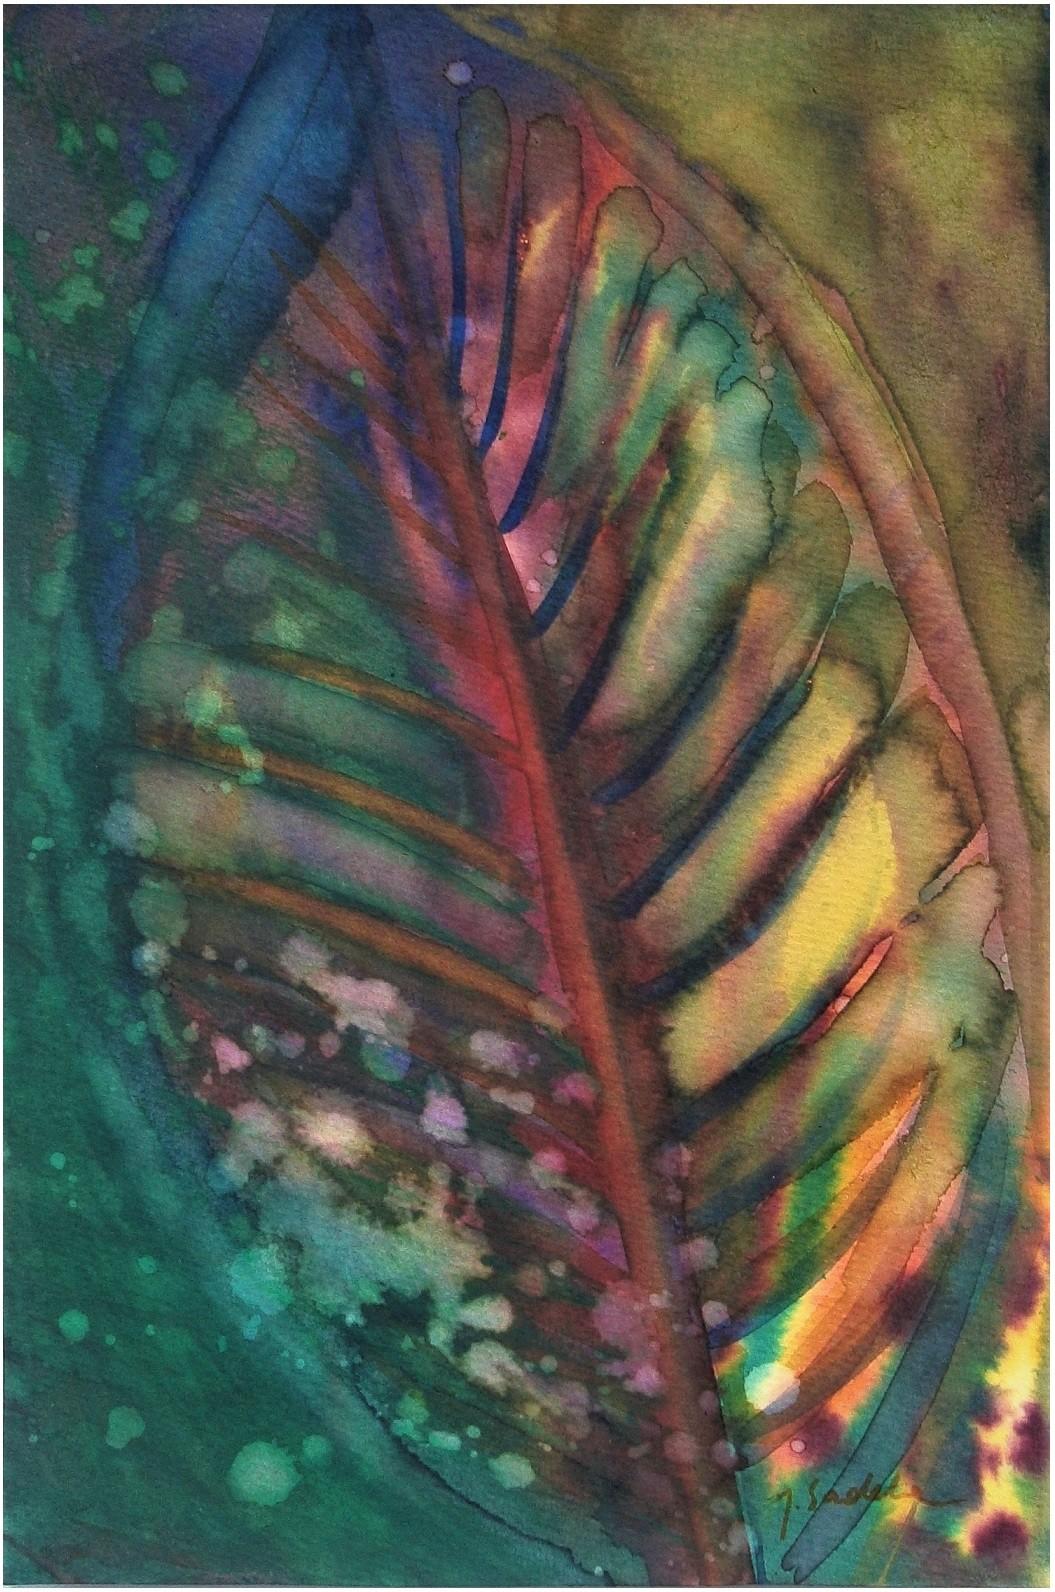 Emanacje 11 - z życia roślin